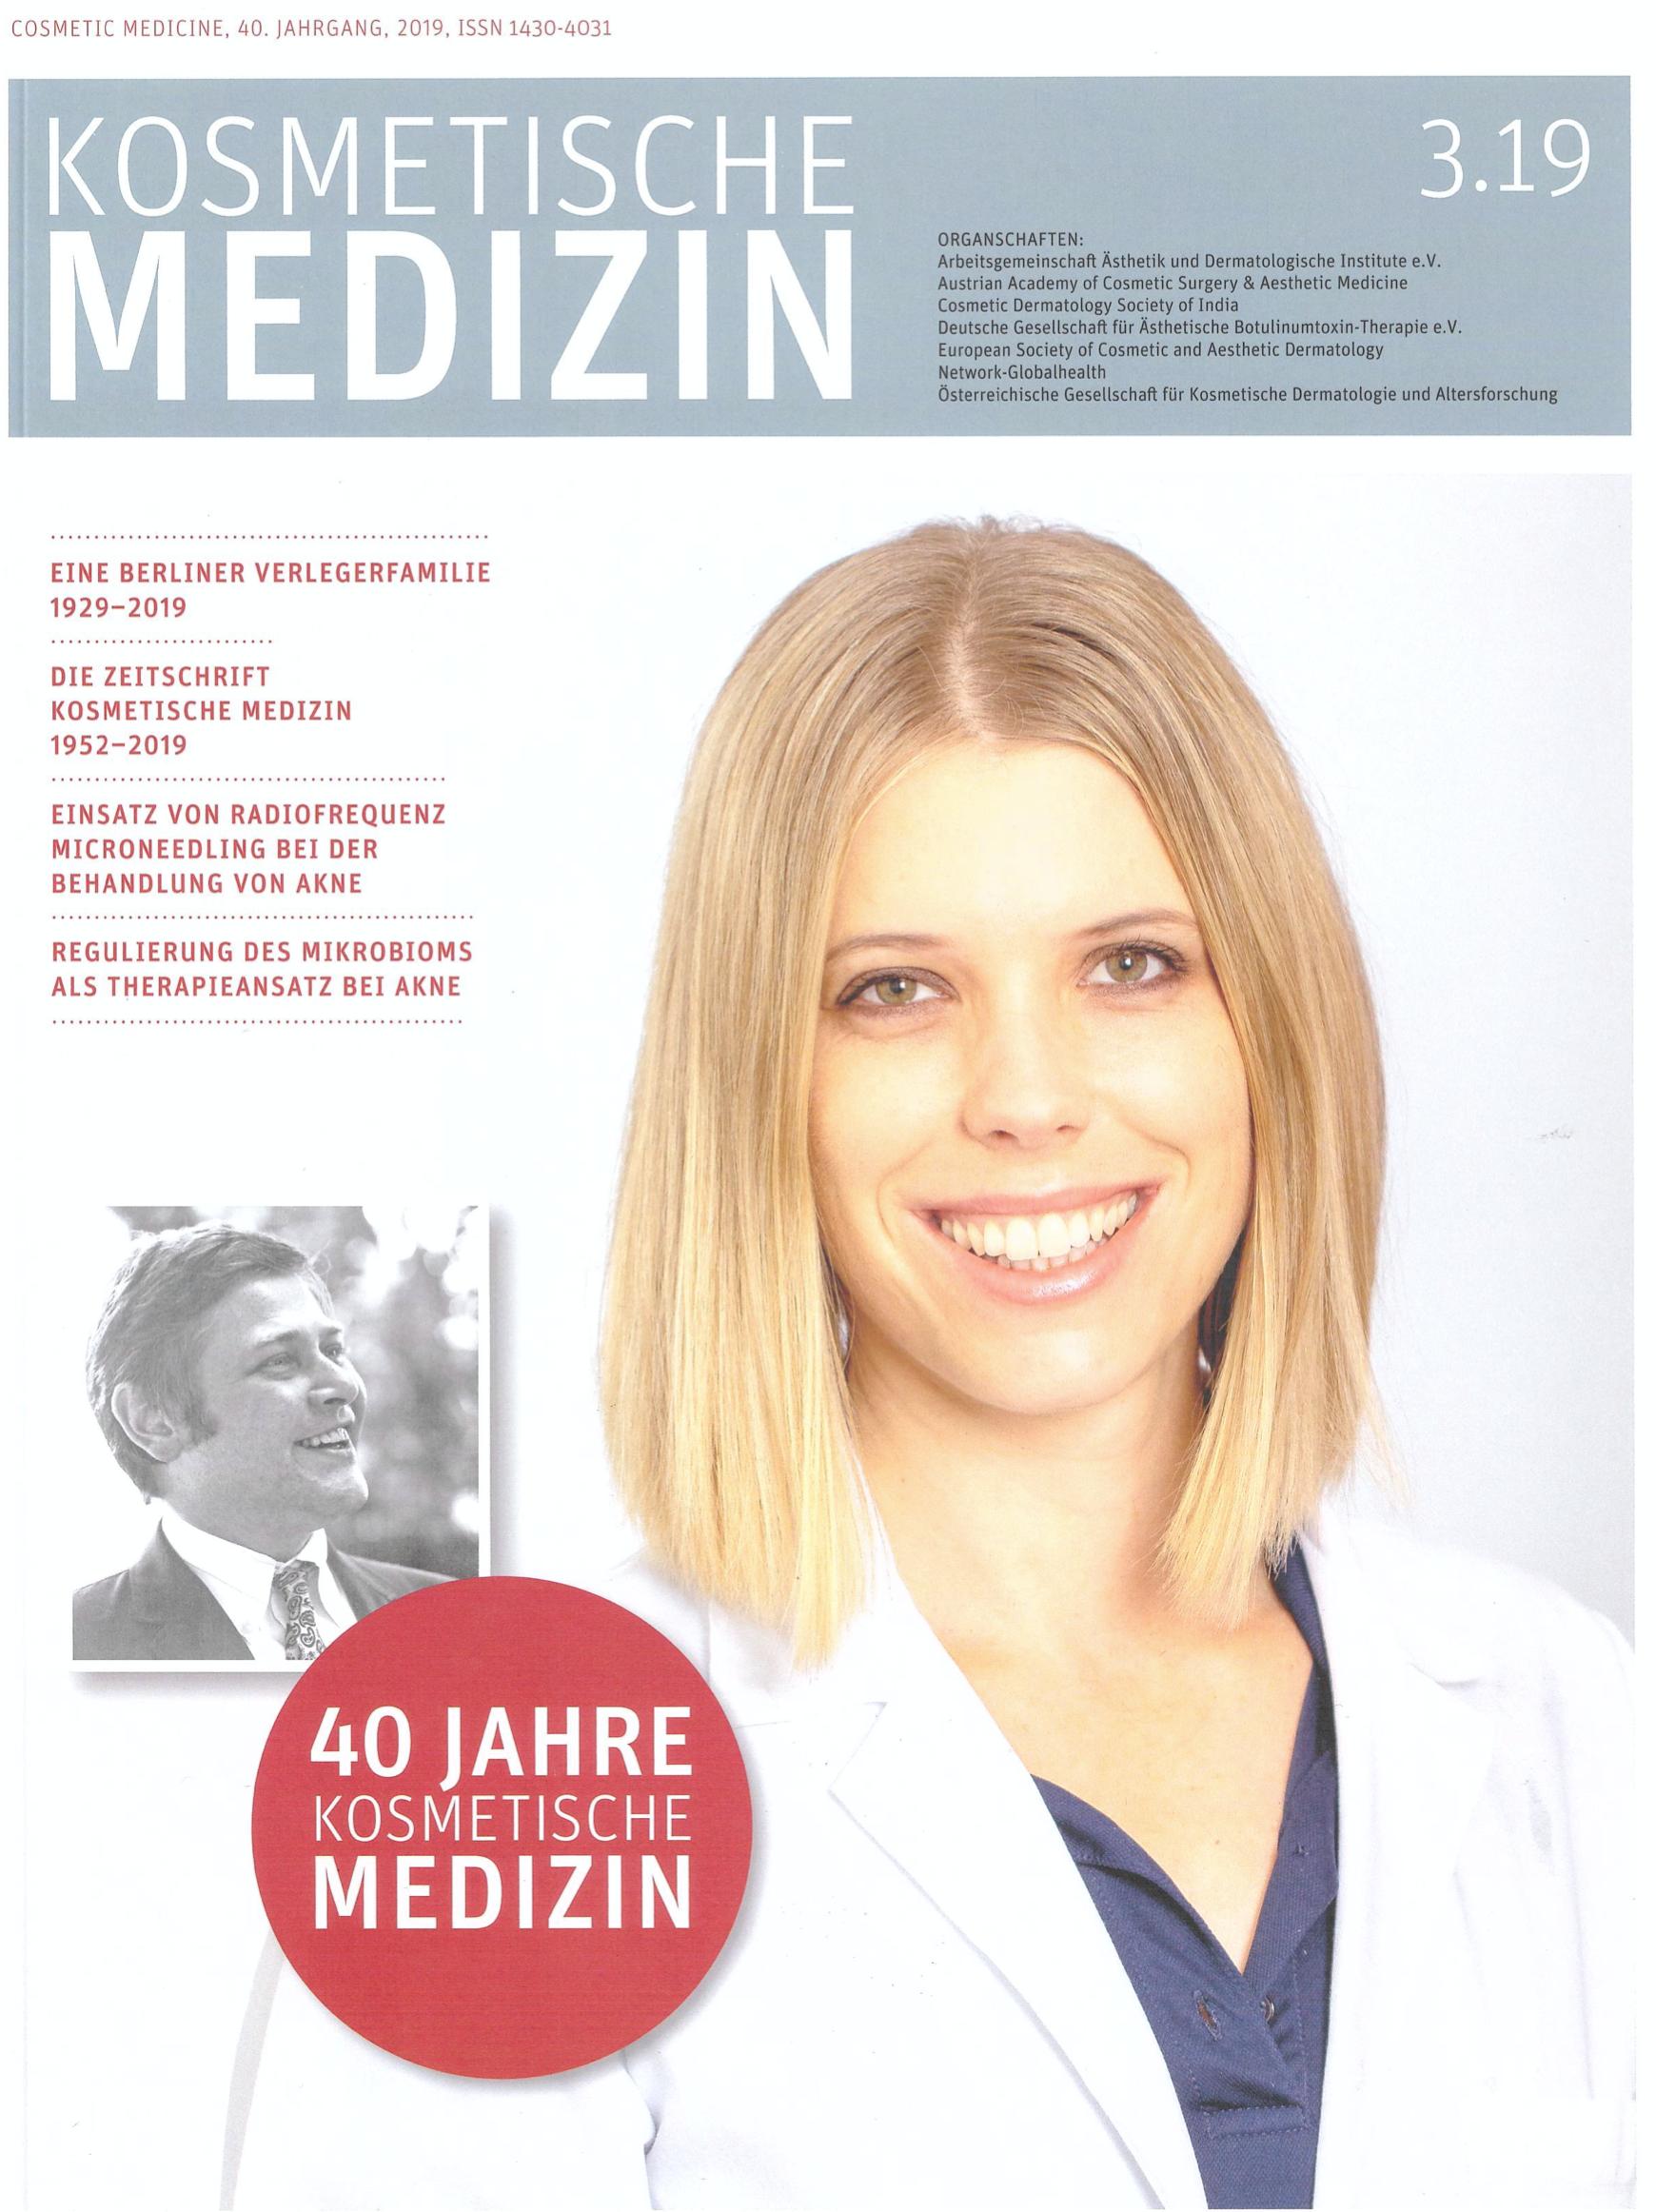 """Jetop Hair Behandlung – Dr. Hans-Ulrich Voigt berichtet in der """"Kosmetische Medizin"""""""